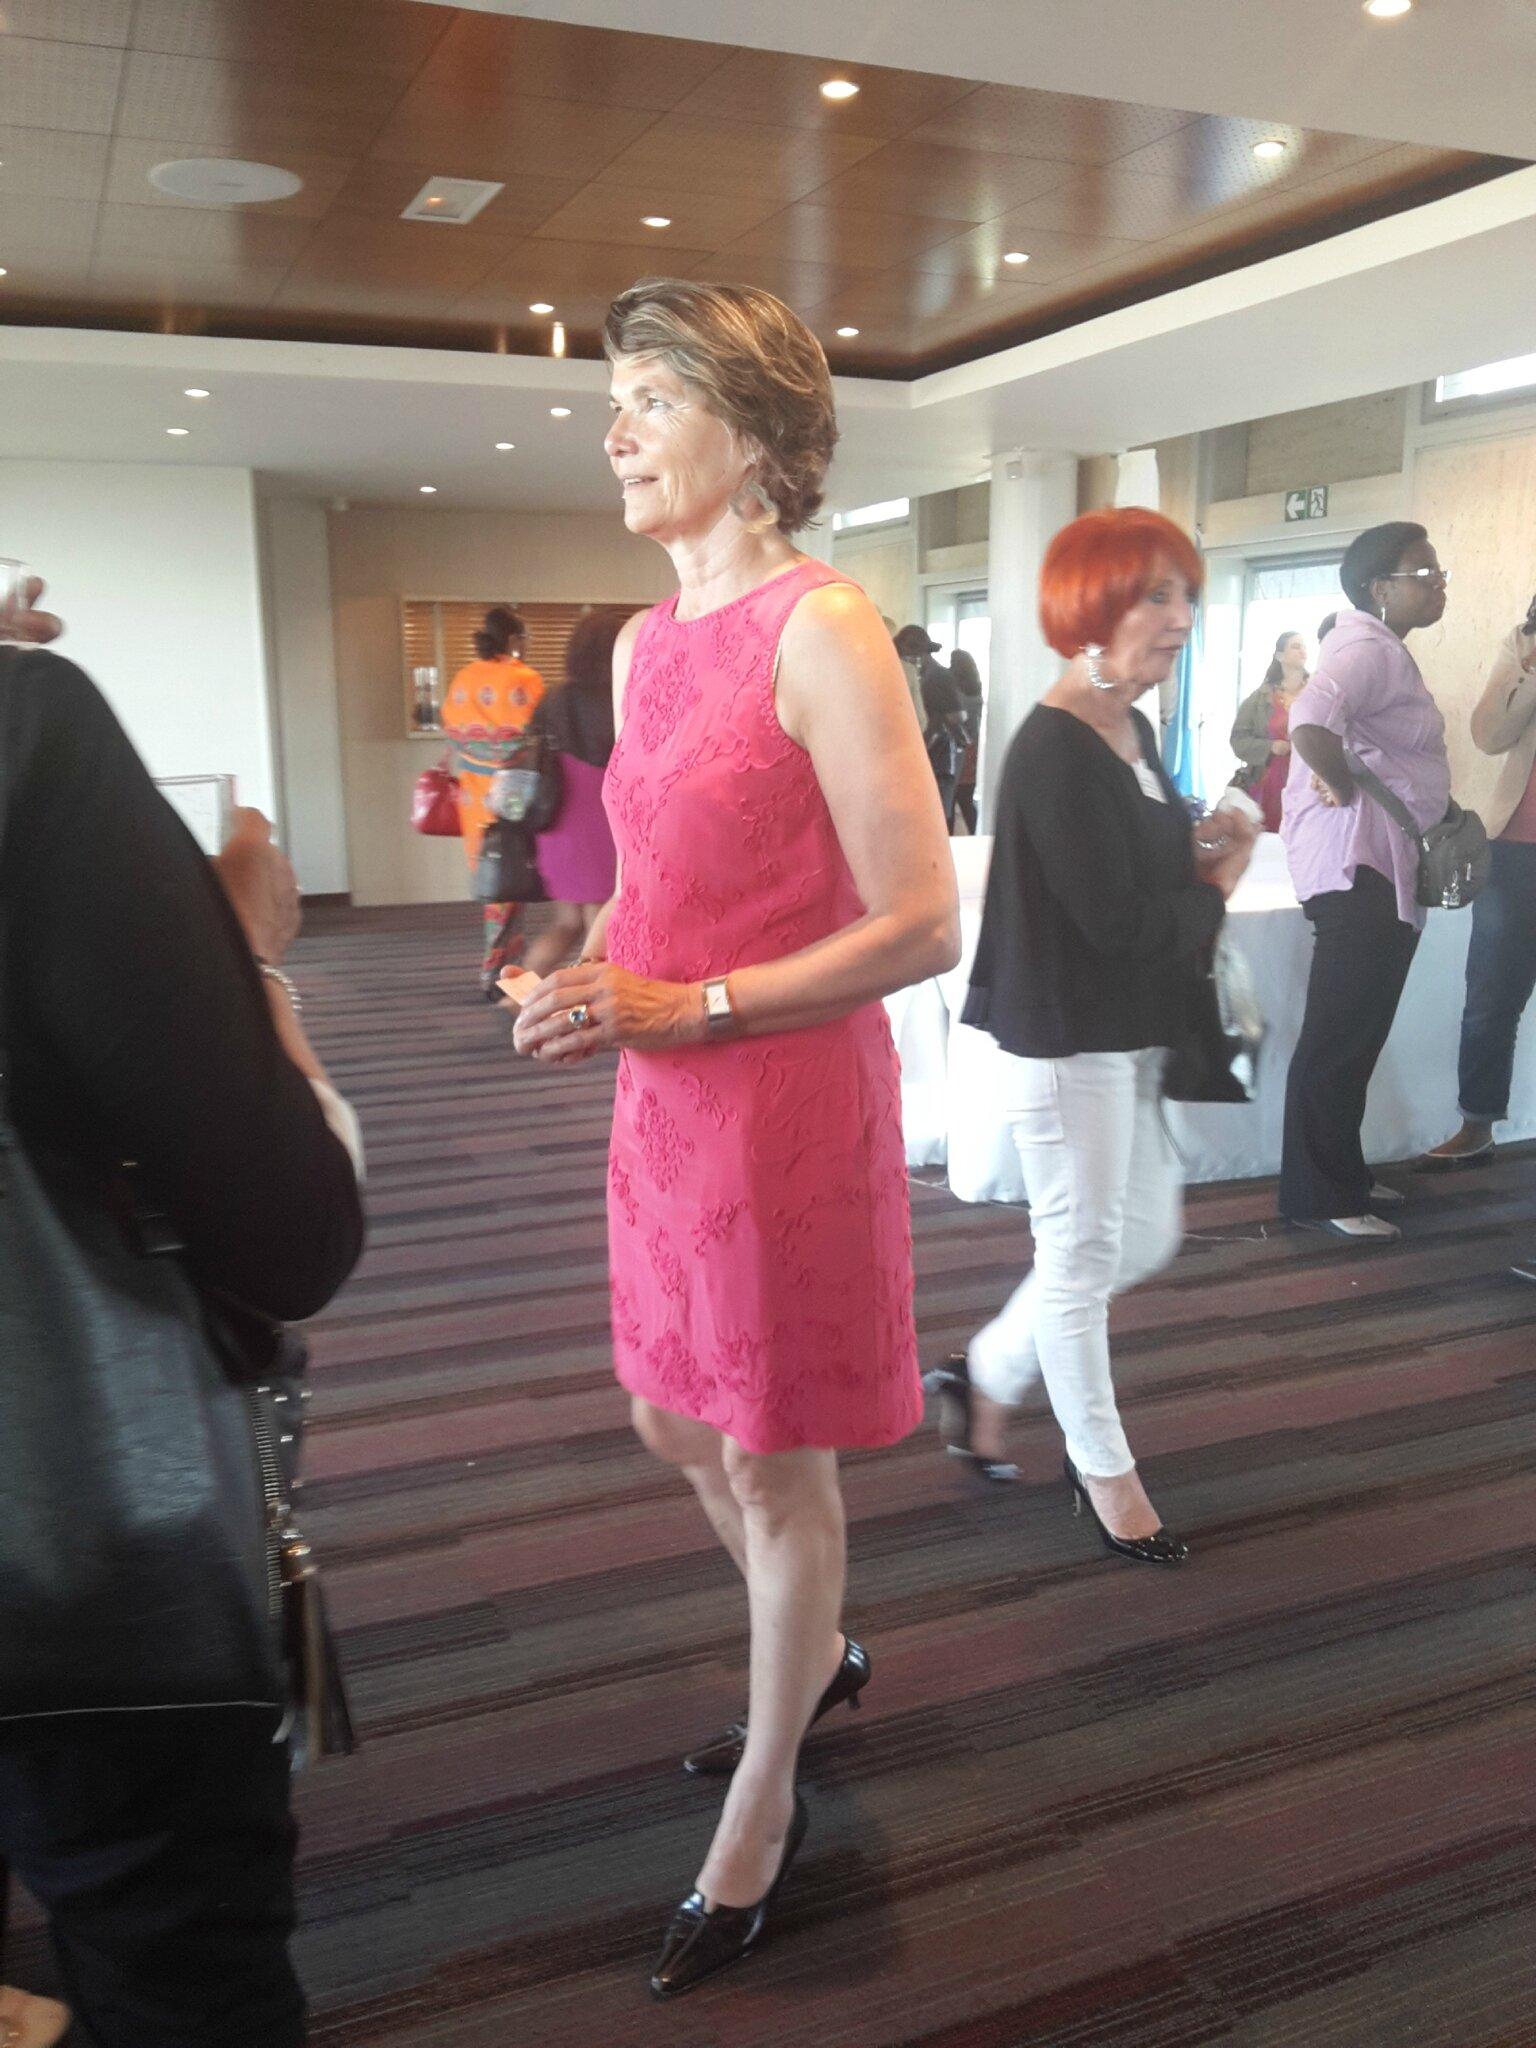 Mme Christine JOUAN-BRUNEAU Fondatrice et Présidente de l'Association Femme de Demain et organisatrice de ce Colloque – à Paris.